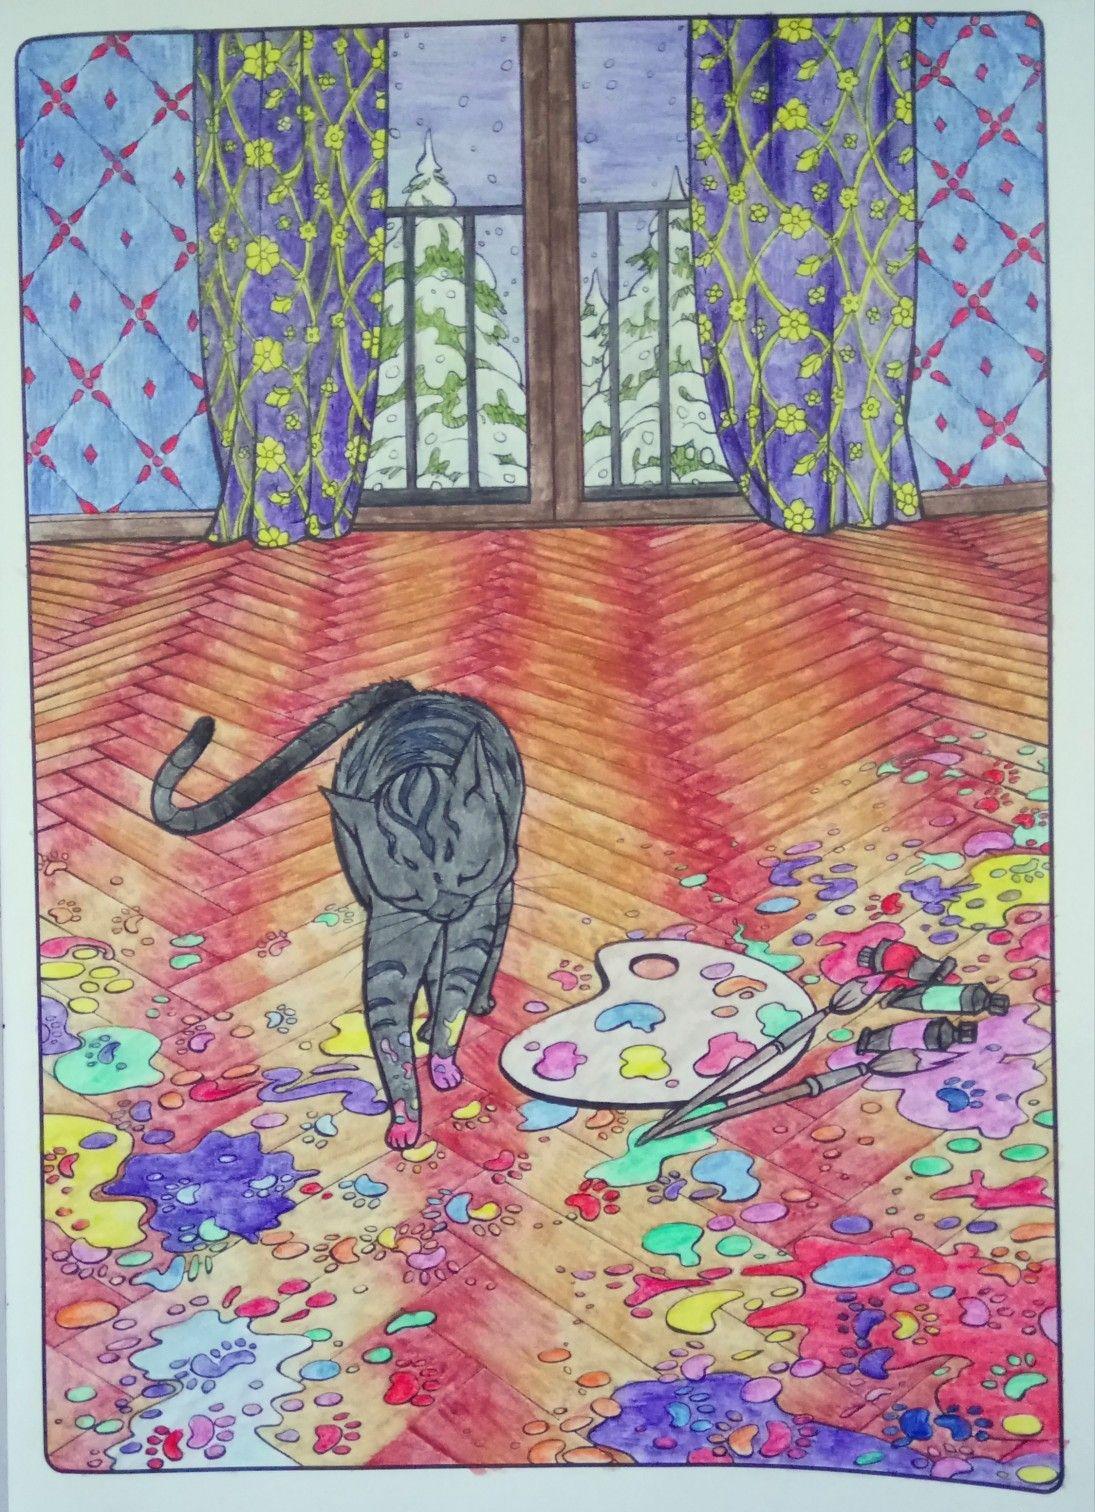 Koty Antystresowa Kolorowanka Z Aforyzmami Painting Art Starry Night